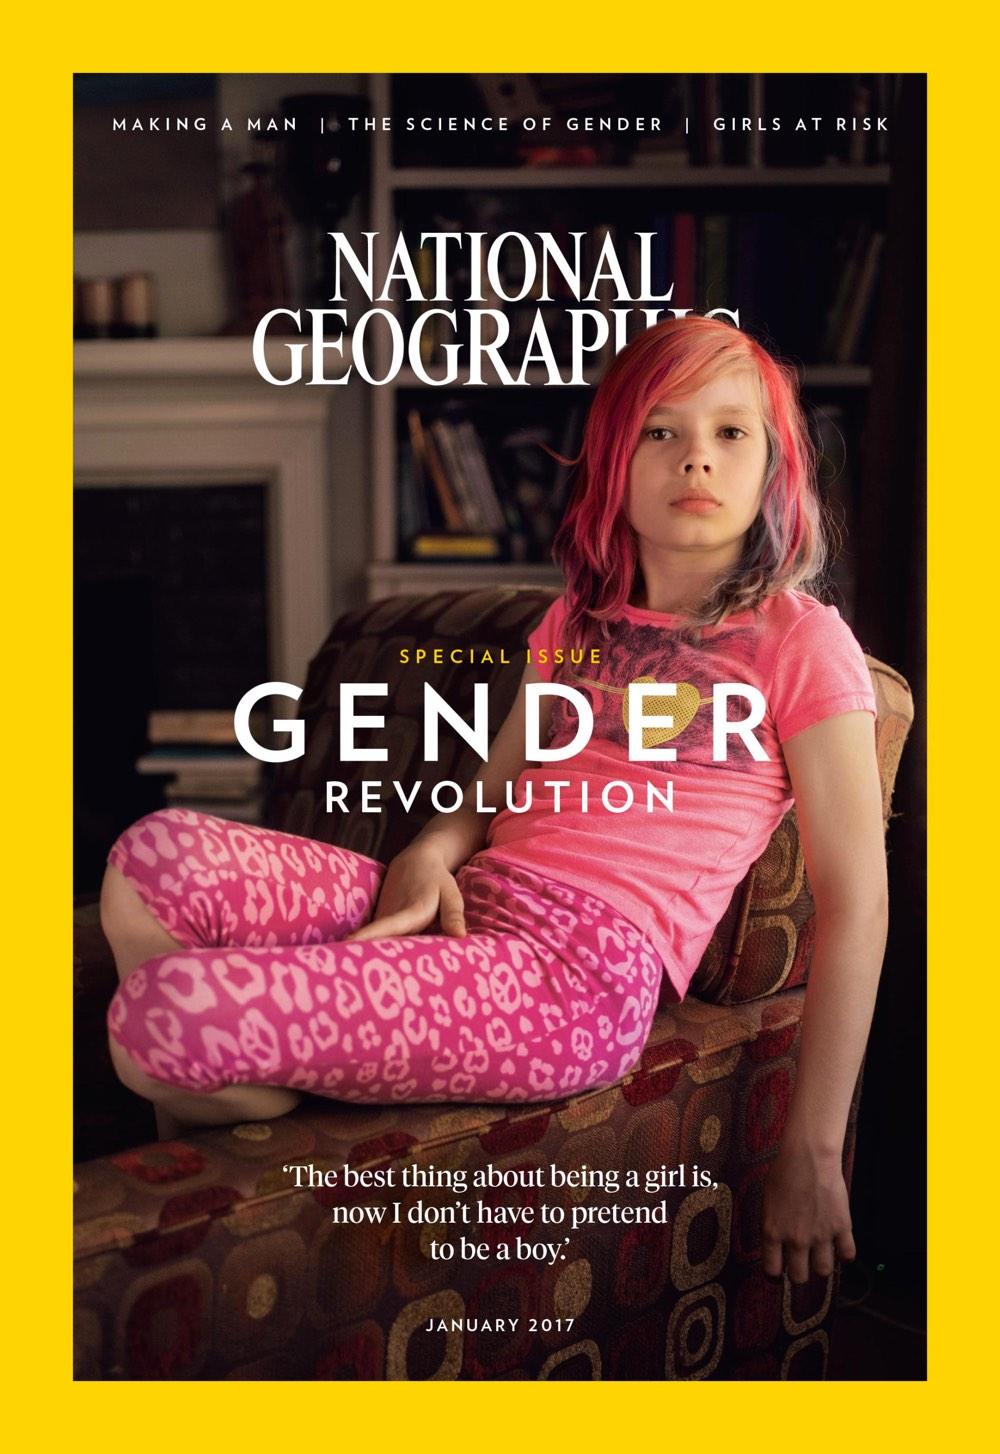 La copertina del National Geographic con una ragazzina transgender